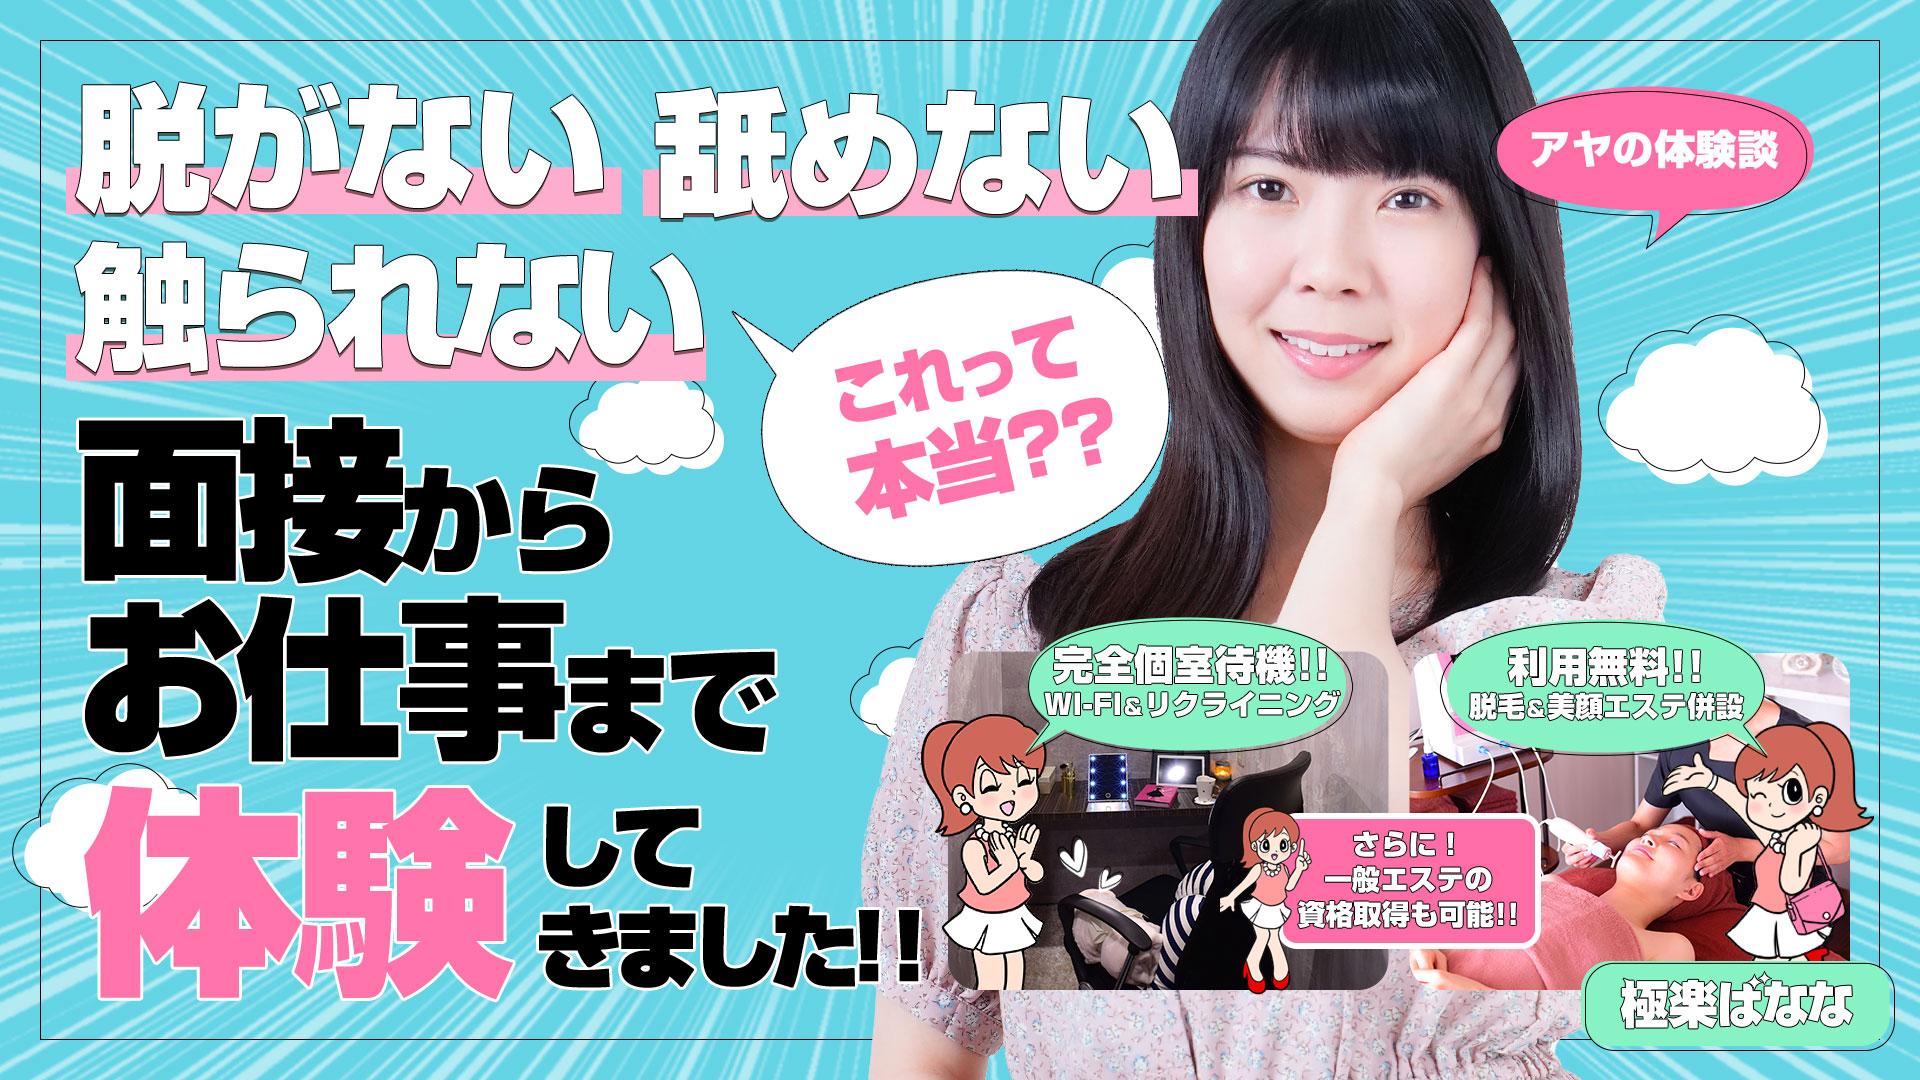 極楽ばなな 大阪店の求人画像